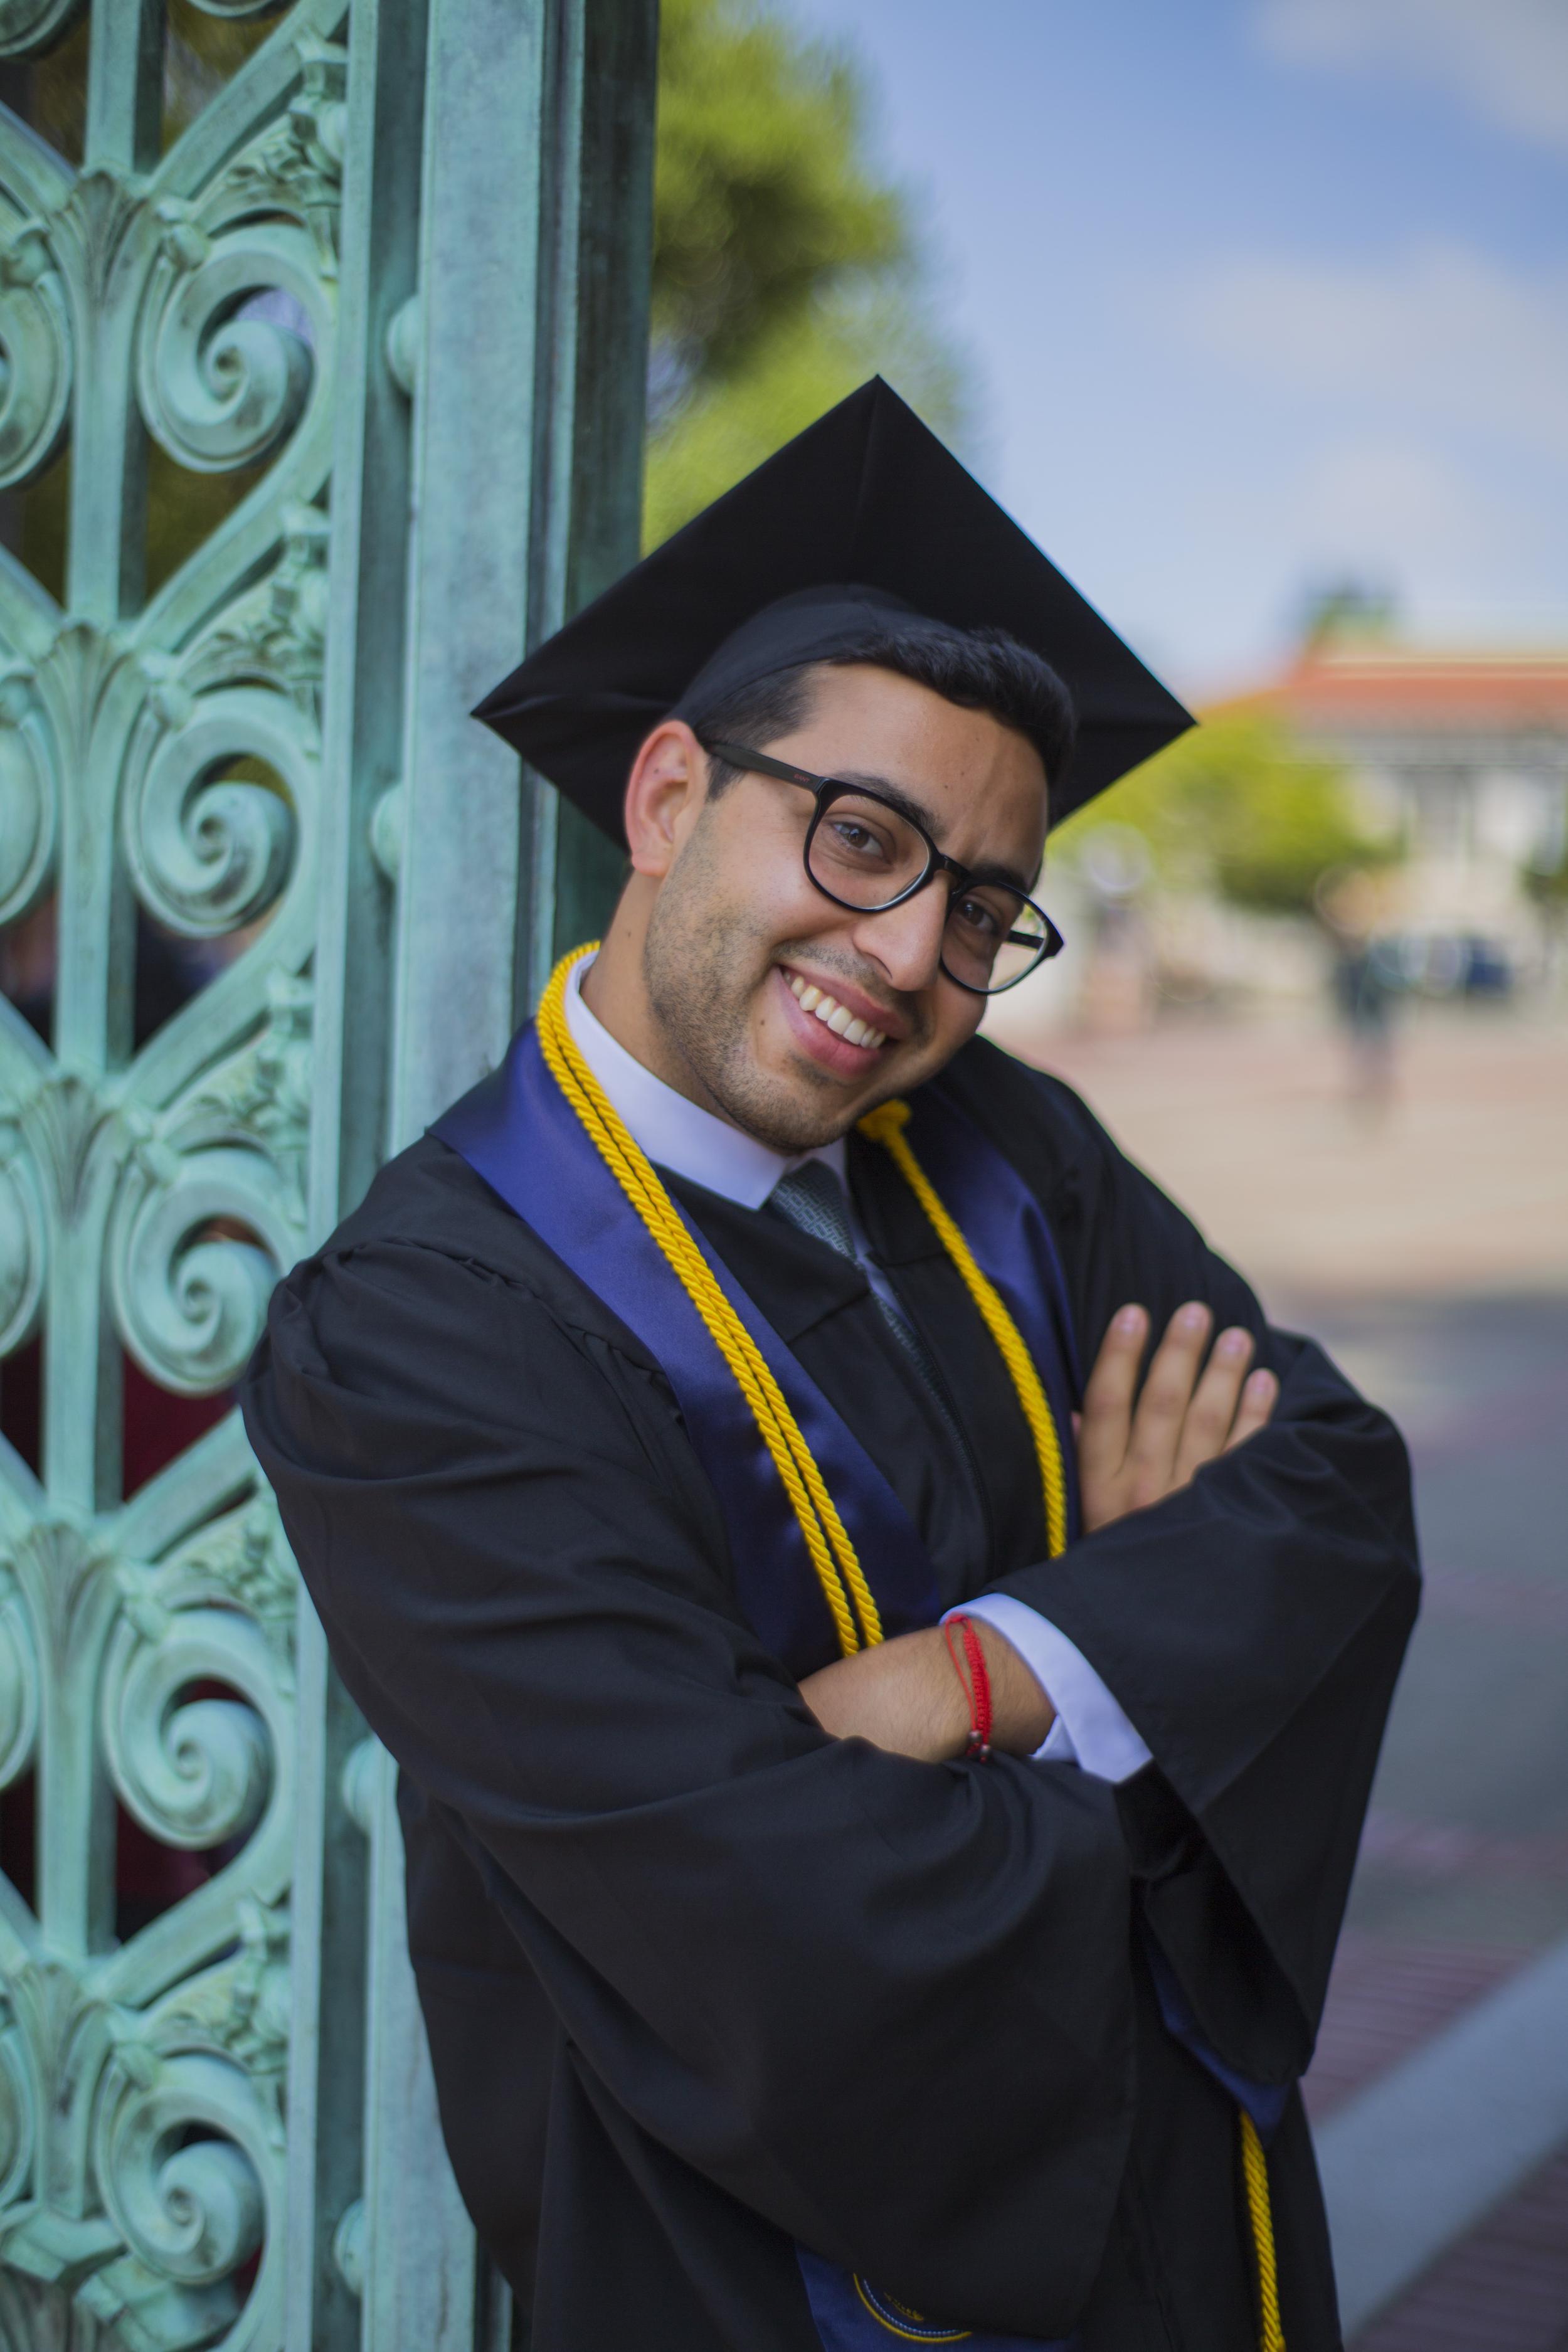 graduation_gav_17262763359_o.jpg